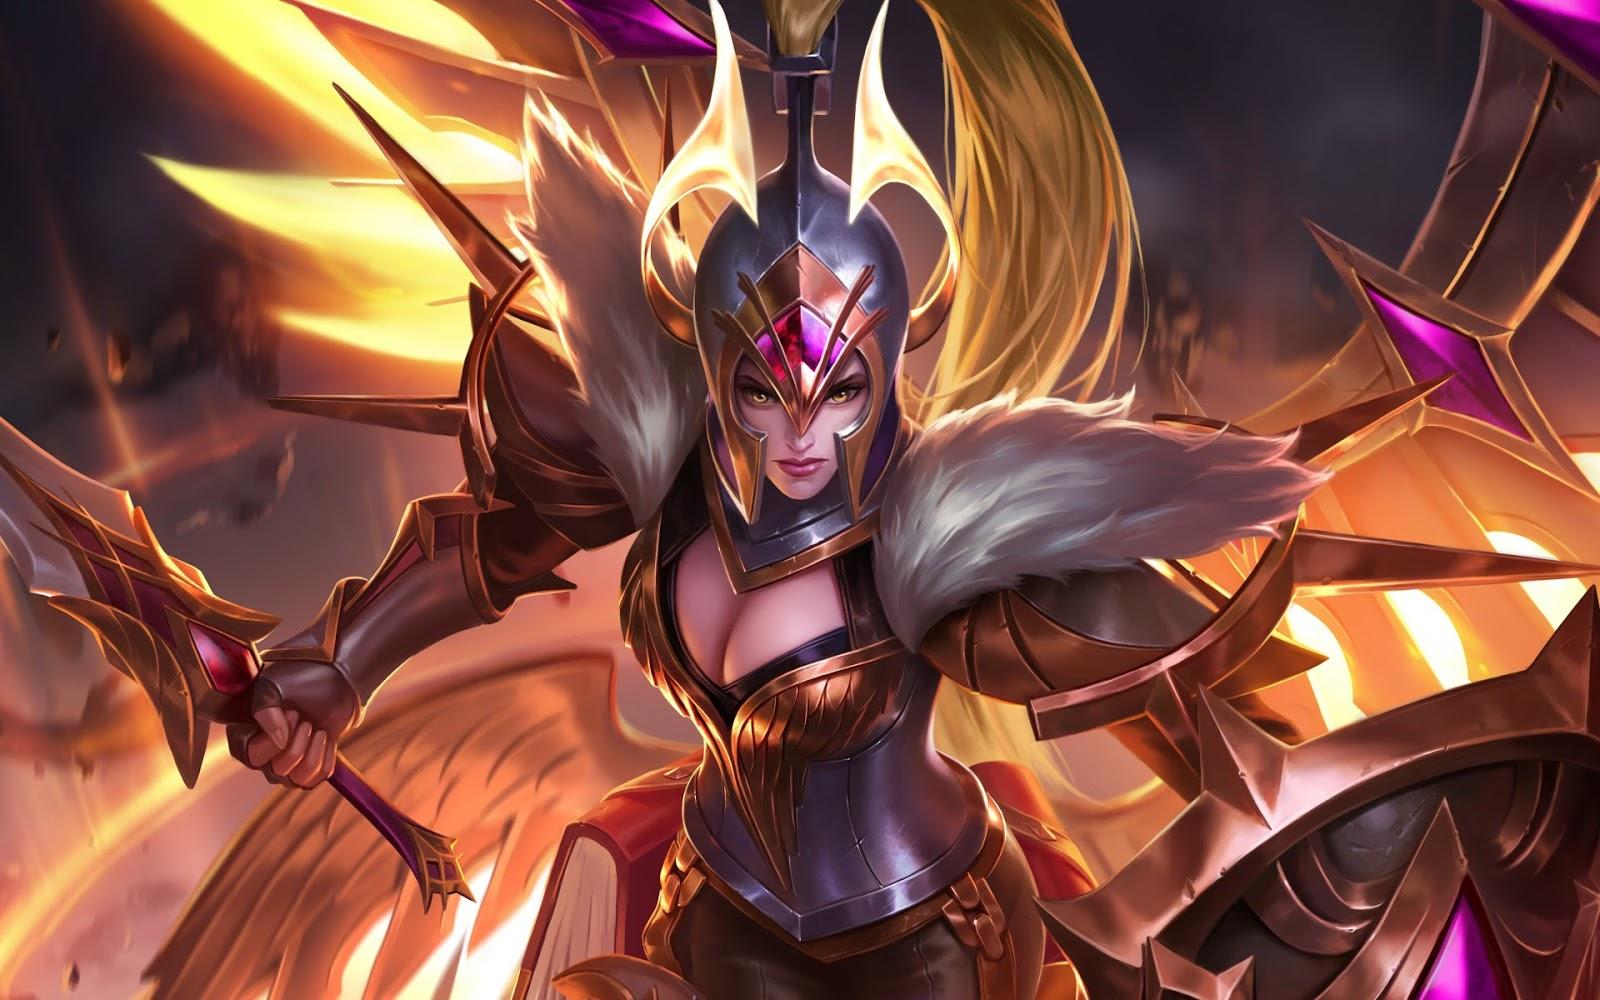 Wallpaper Freya War Angel Skin Mobile Legends Full HD for PC